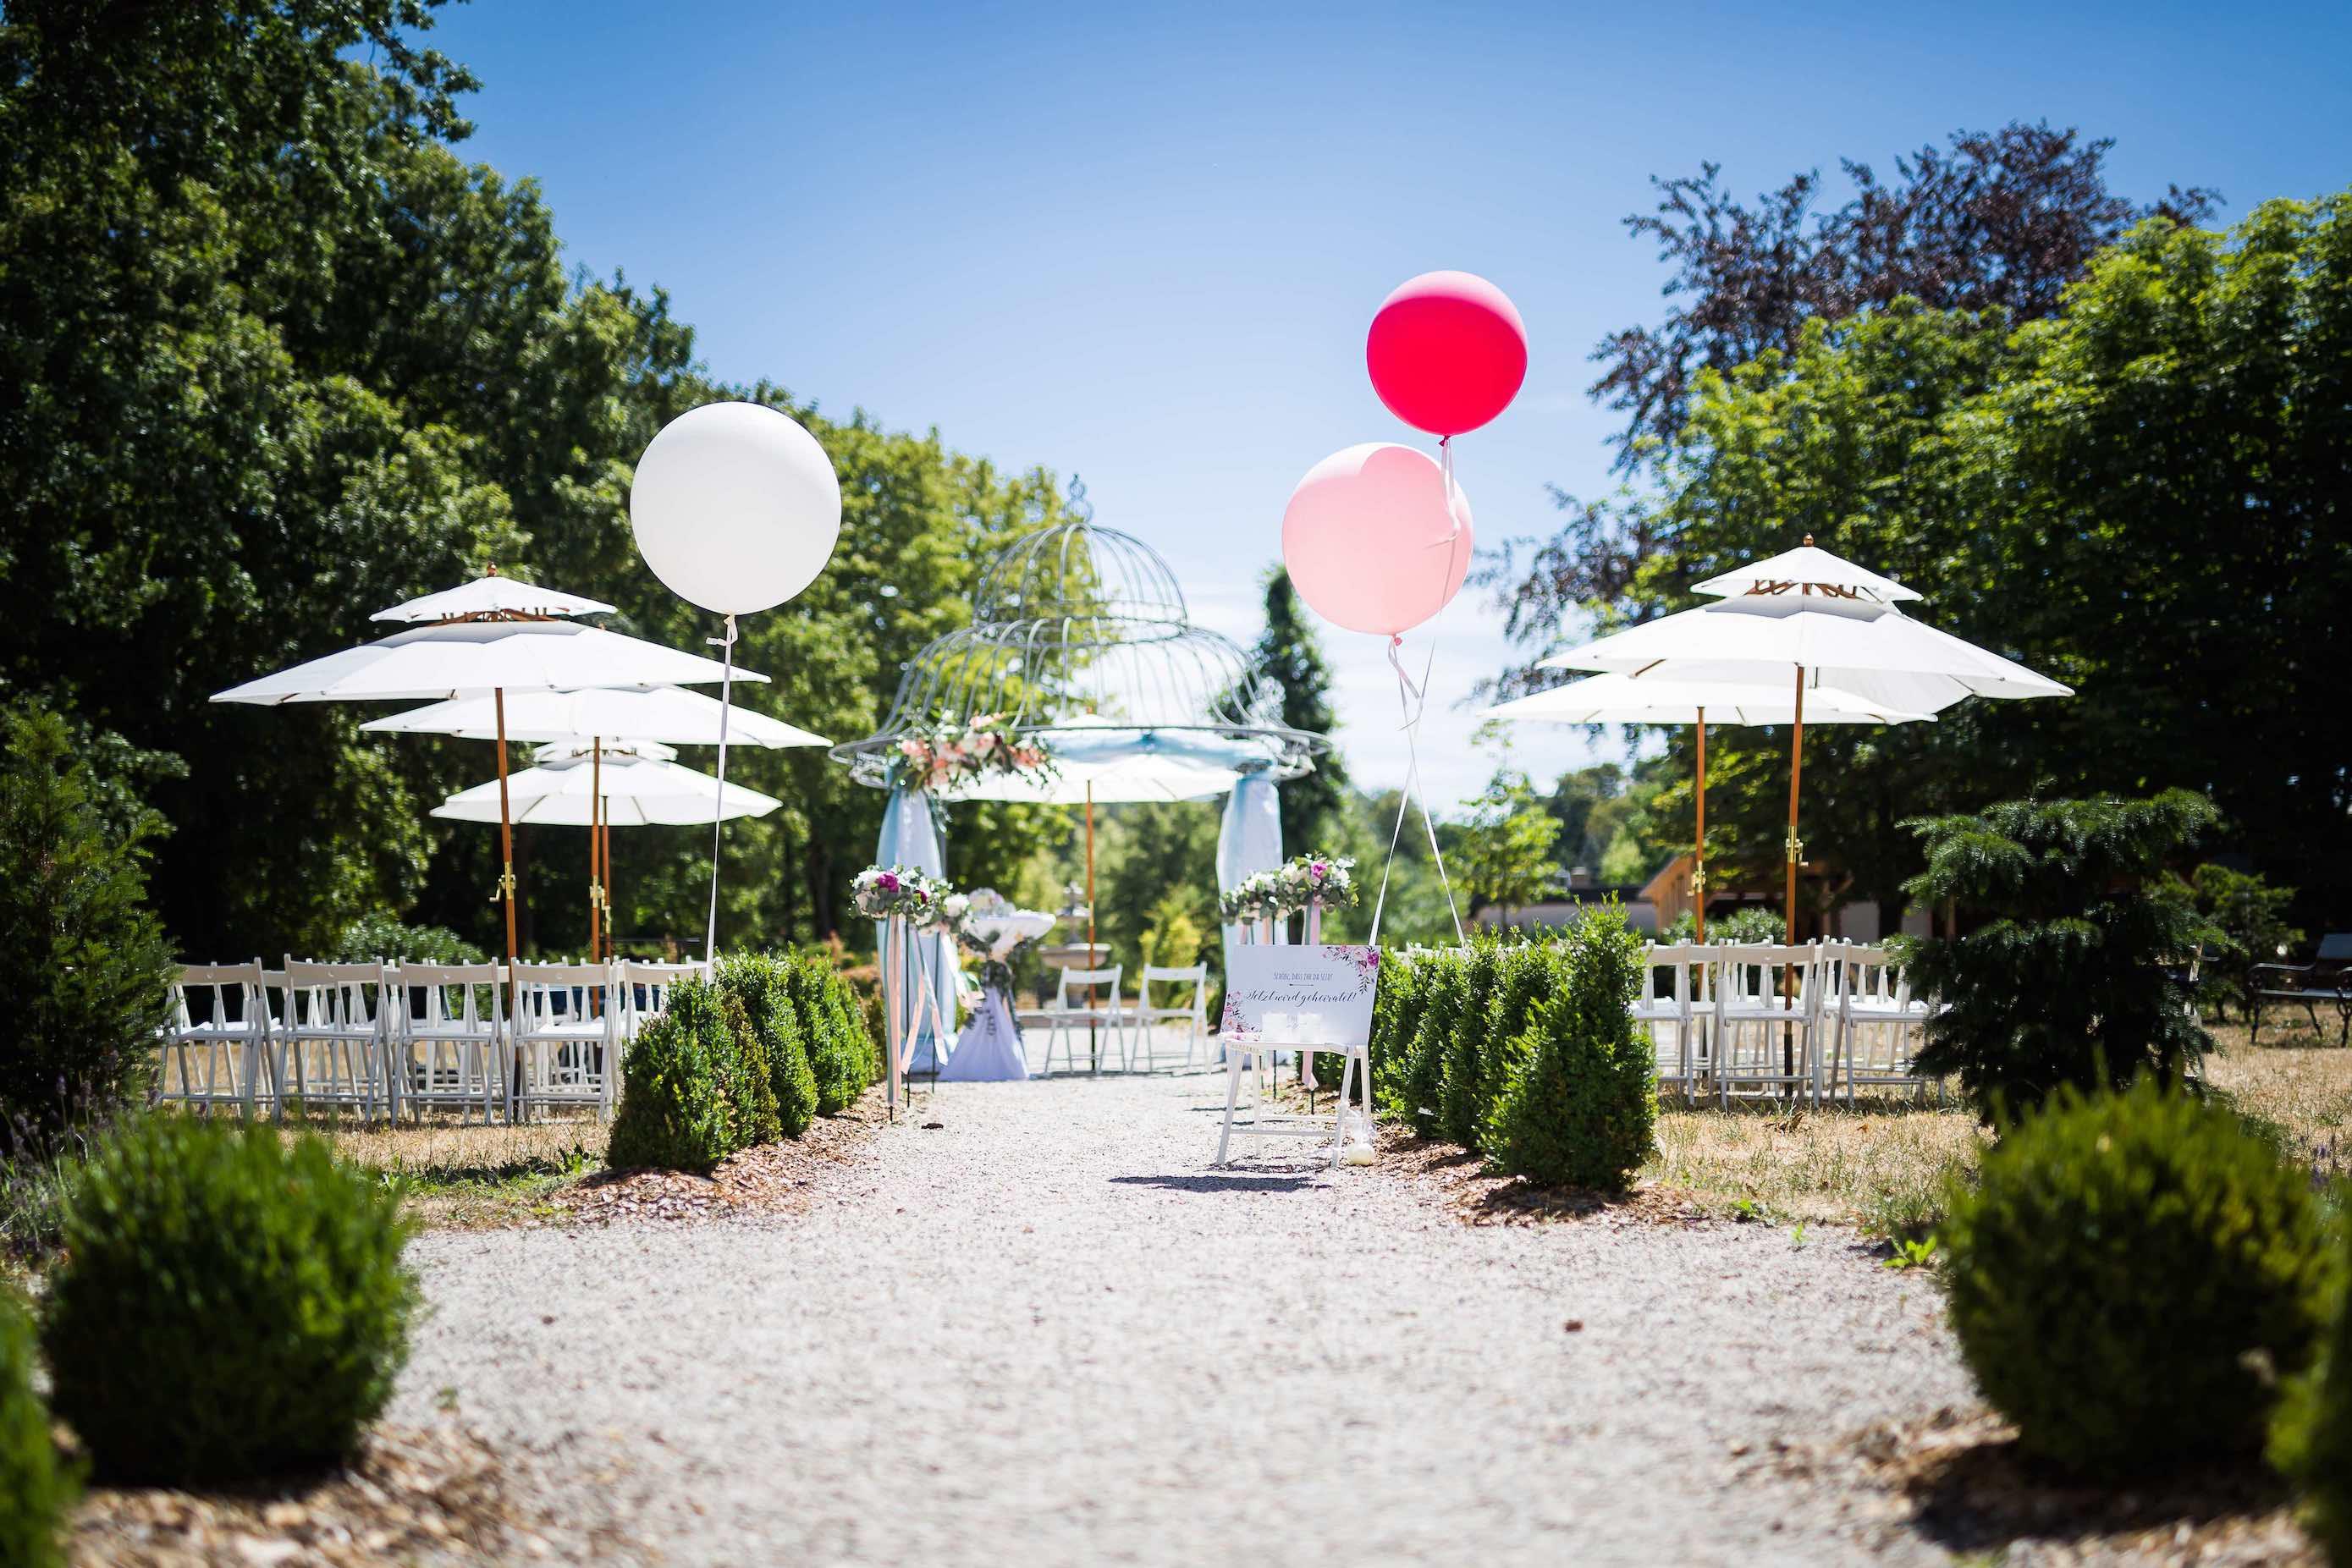 Traupavillon mit Schirmen, Stühlen für die Gäste, Luftballons